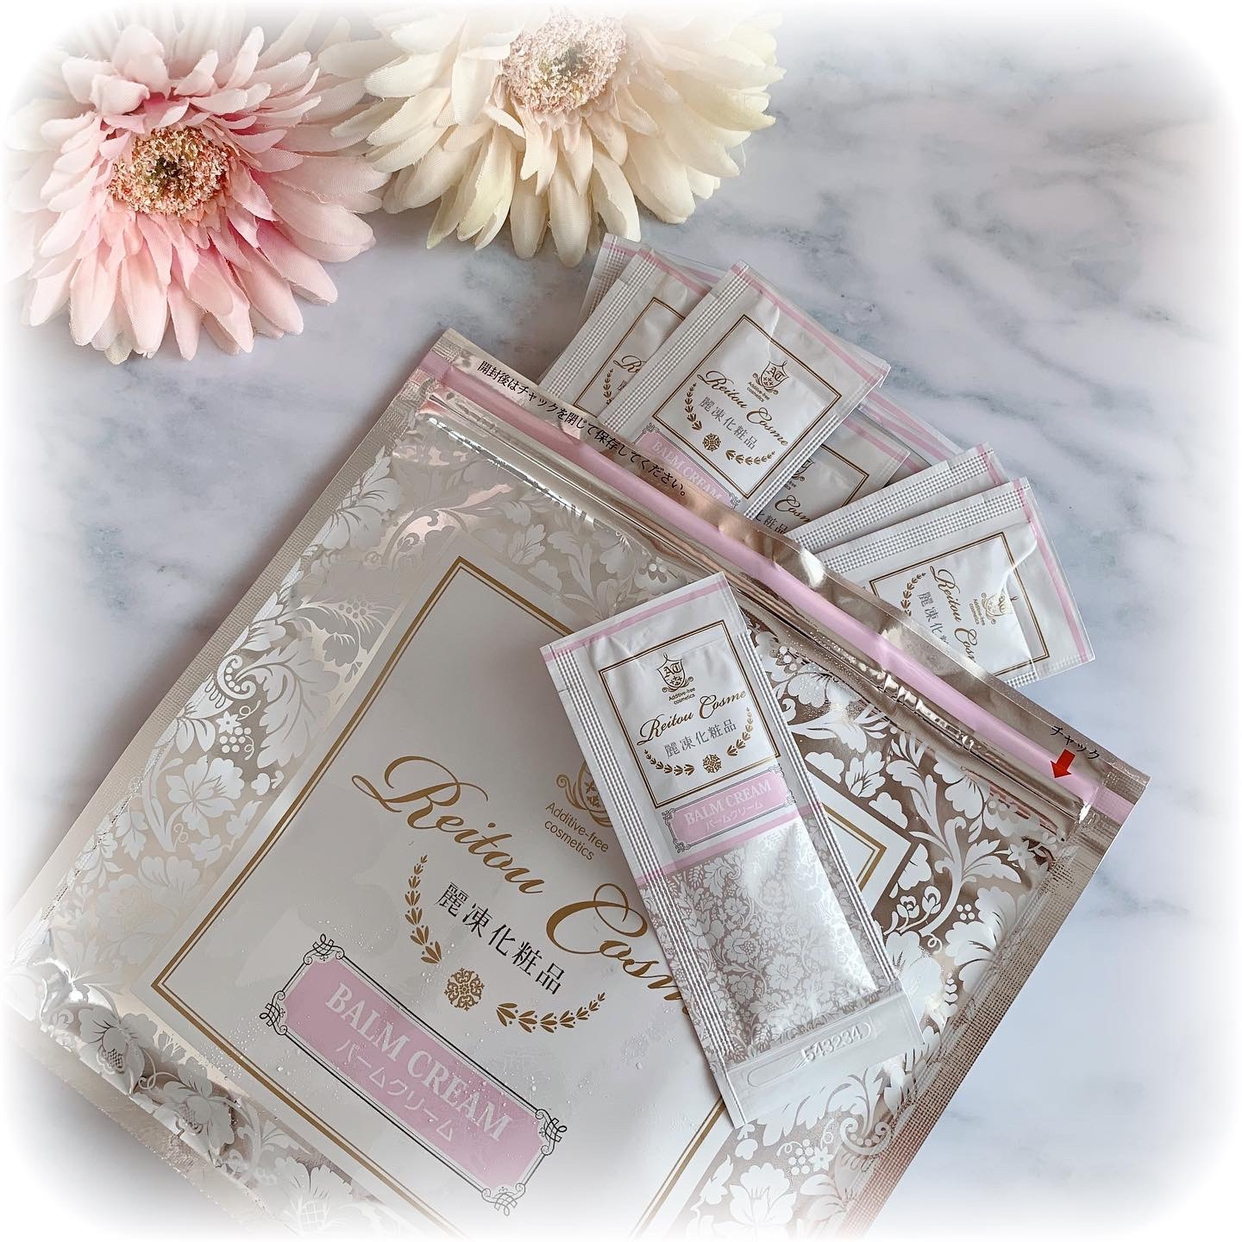 麗凍化粧品(Reitou Cosme) バームクリームを使ったsnowmiさんのクチコミ画像1